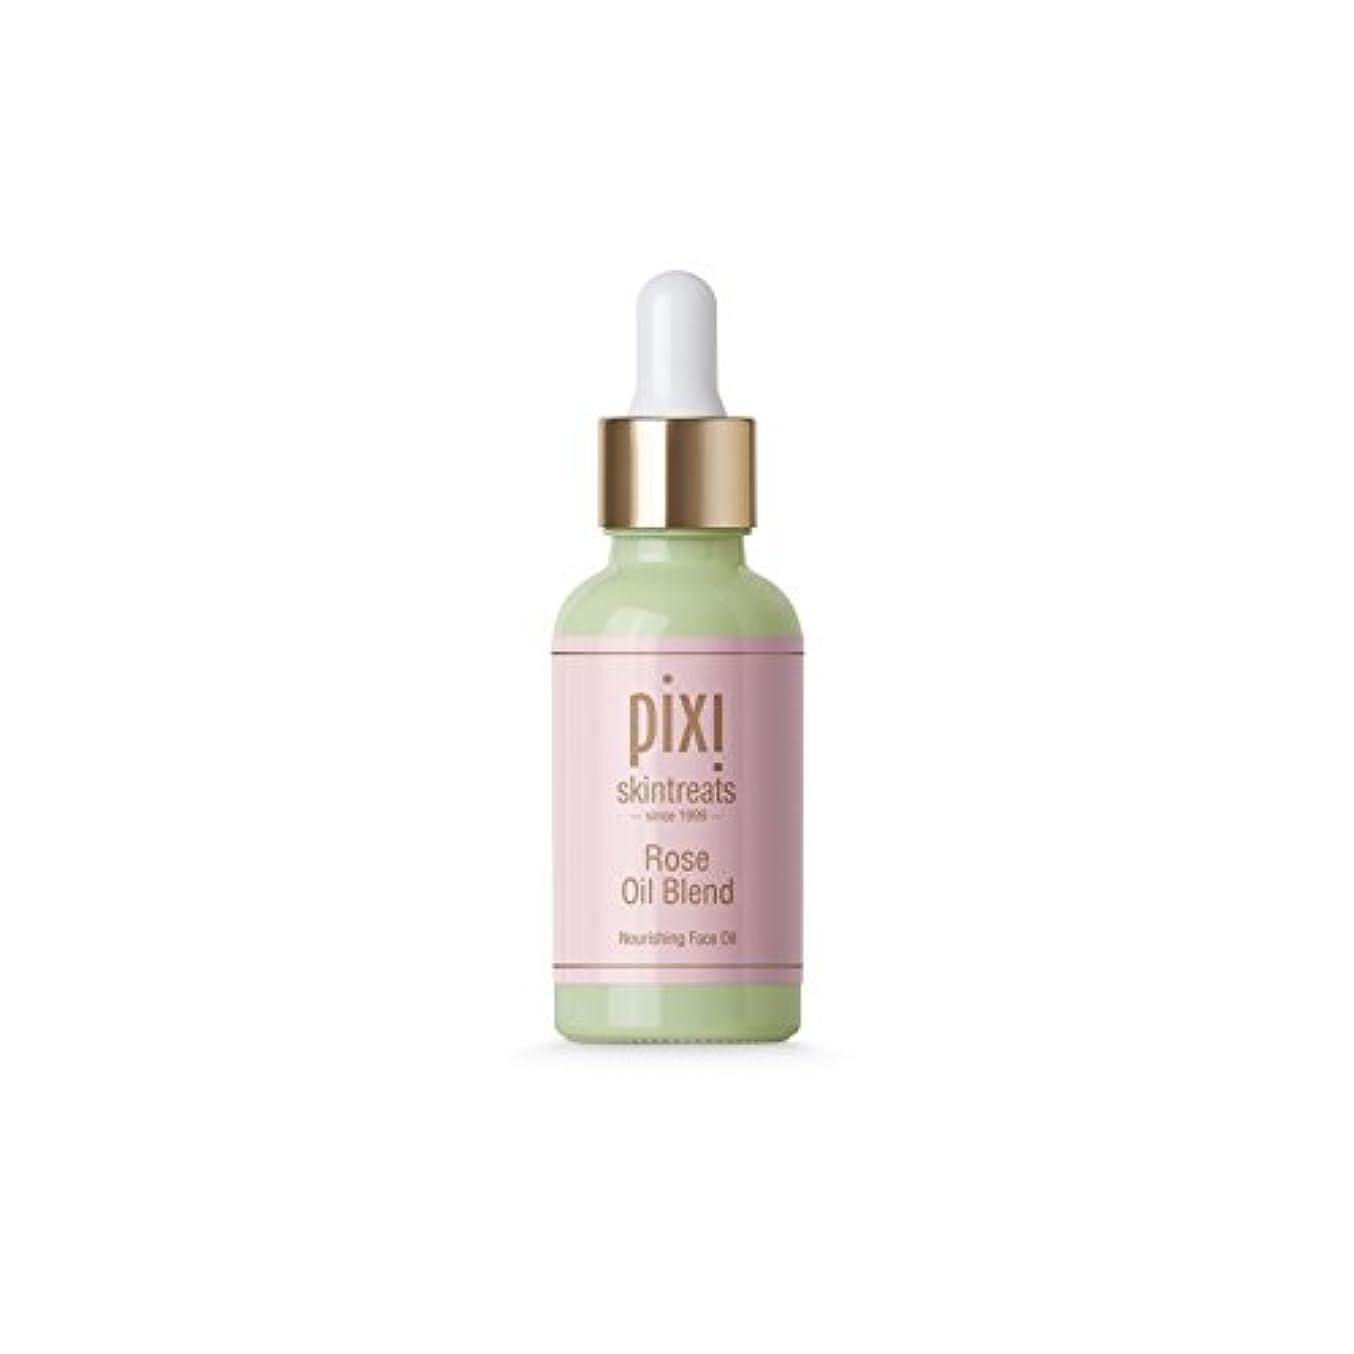 Pixi Rose Oil Blend - は、油ブレンドをバラ [並行輸入品]